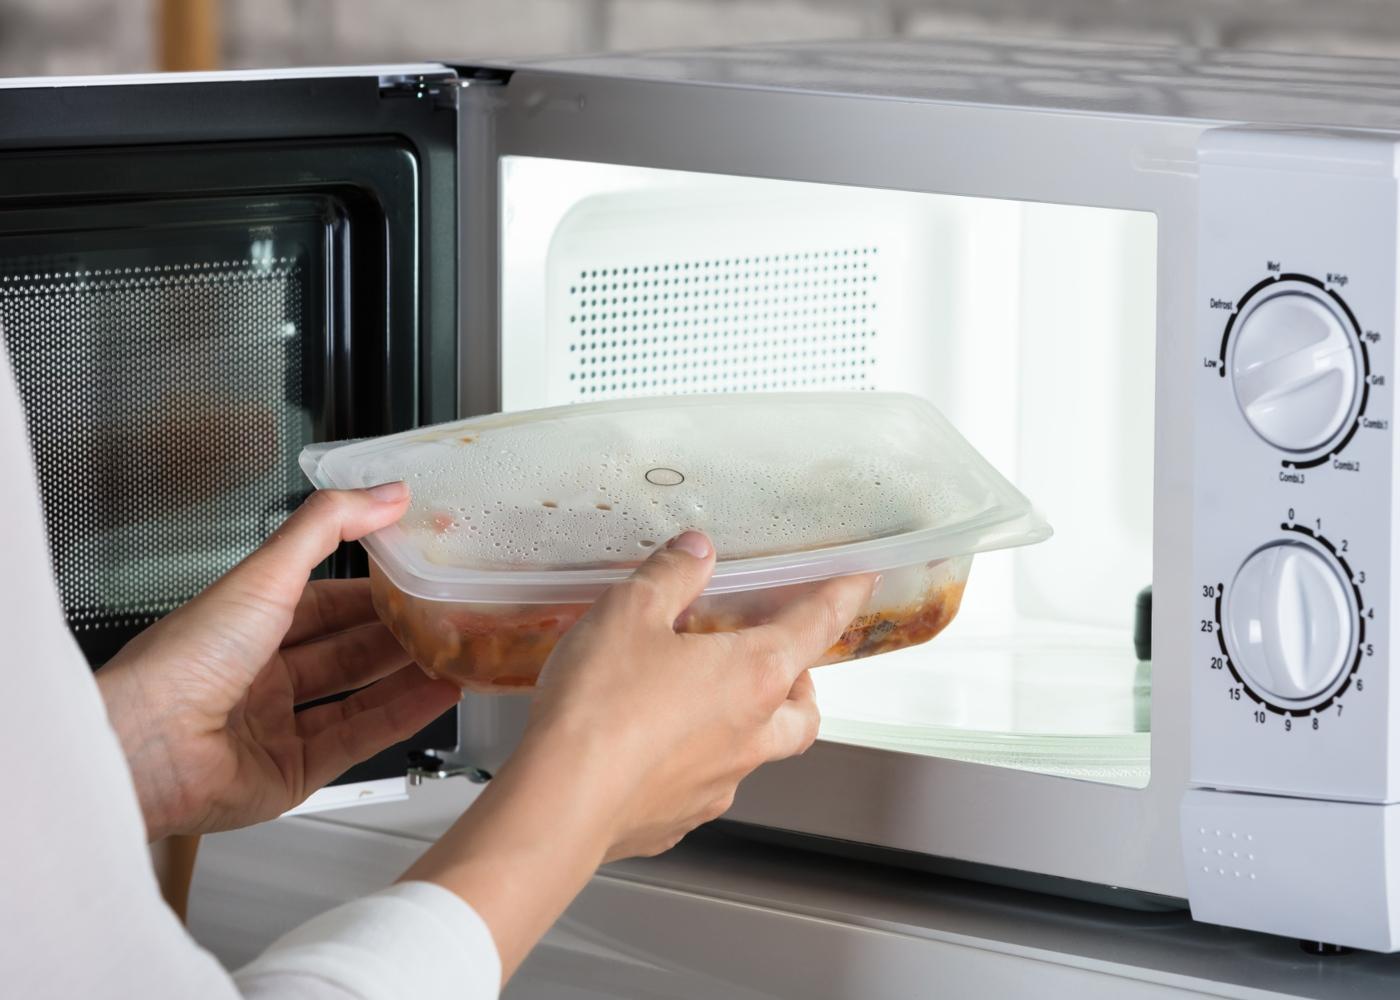 Refeições no micro-ondas: mulher a descongelar comida